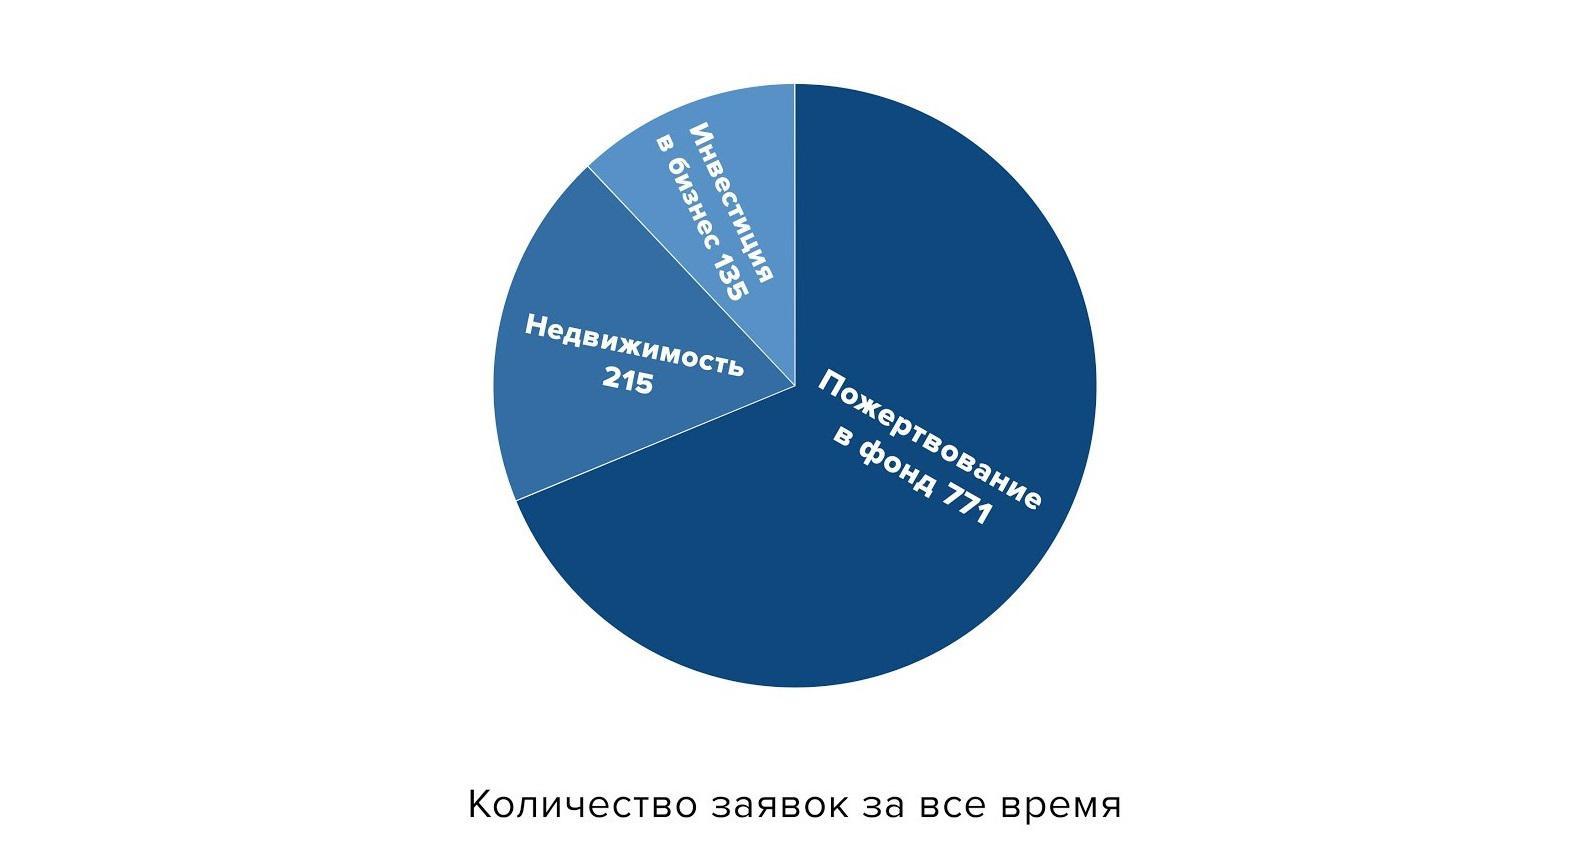 Распределение заявок по вариантам инвестирования | Migronis